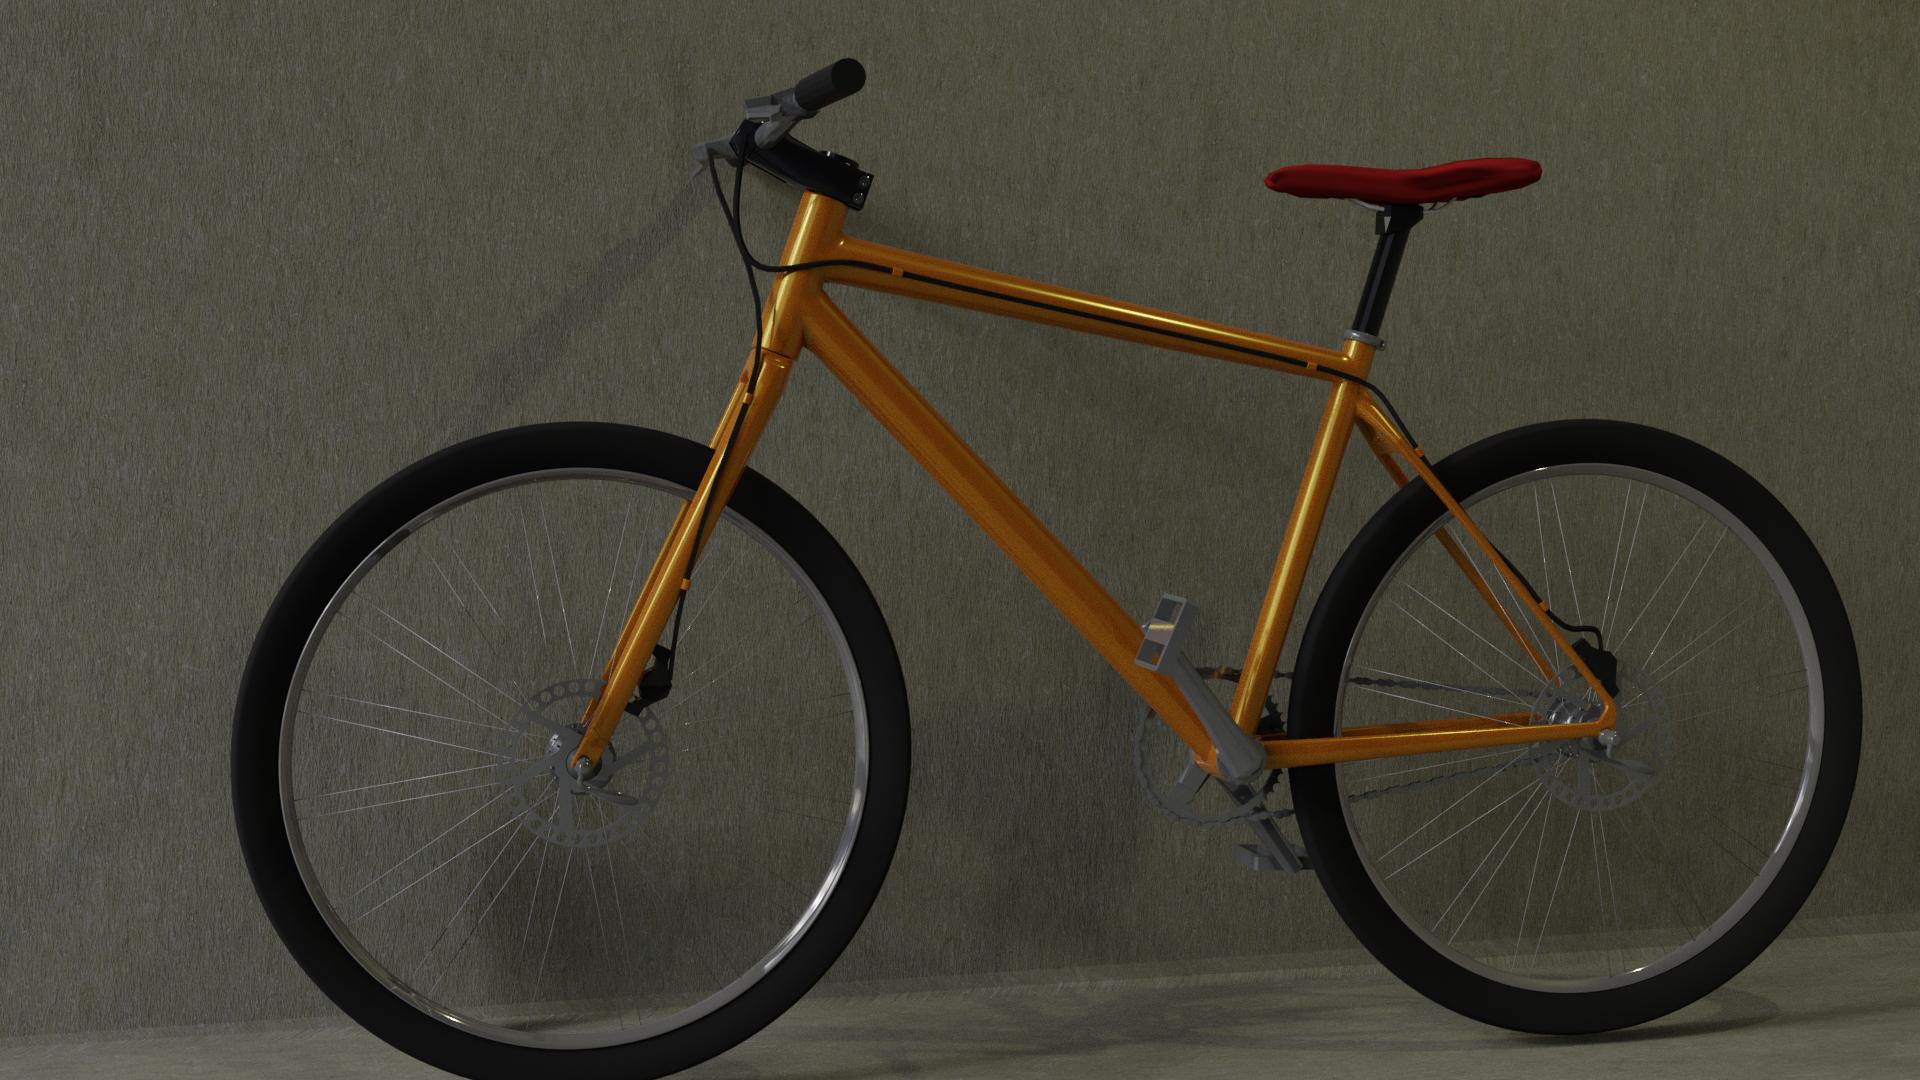 commuter bike 3D